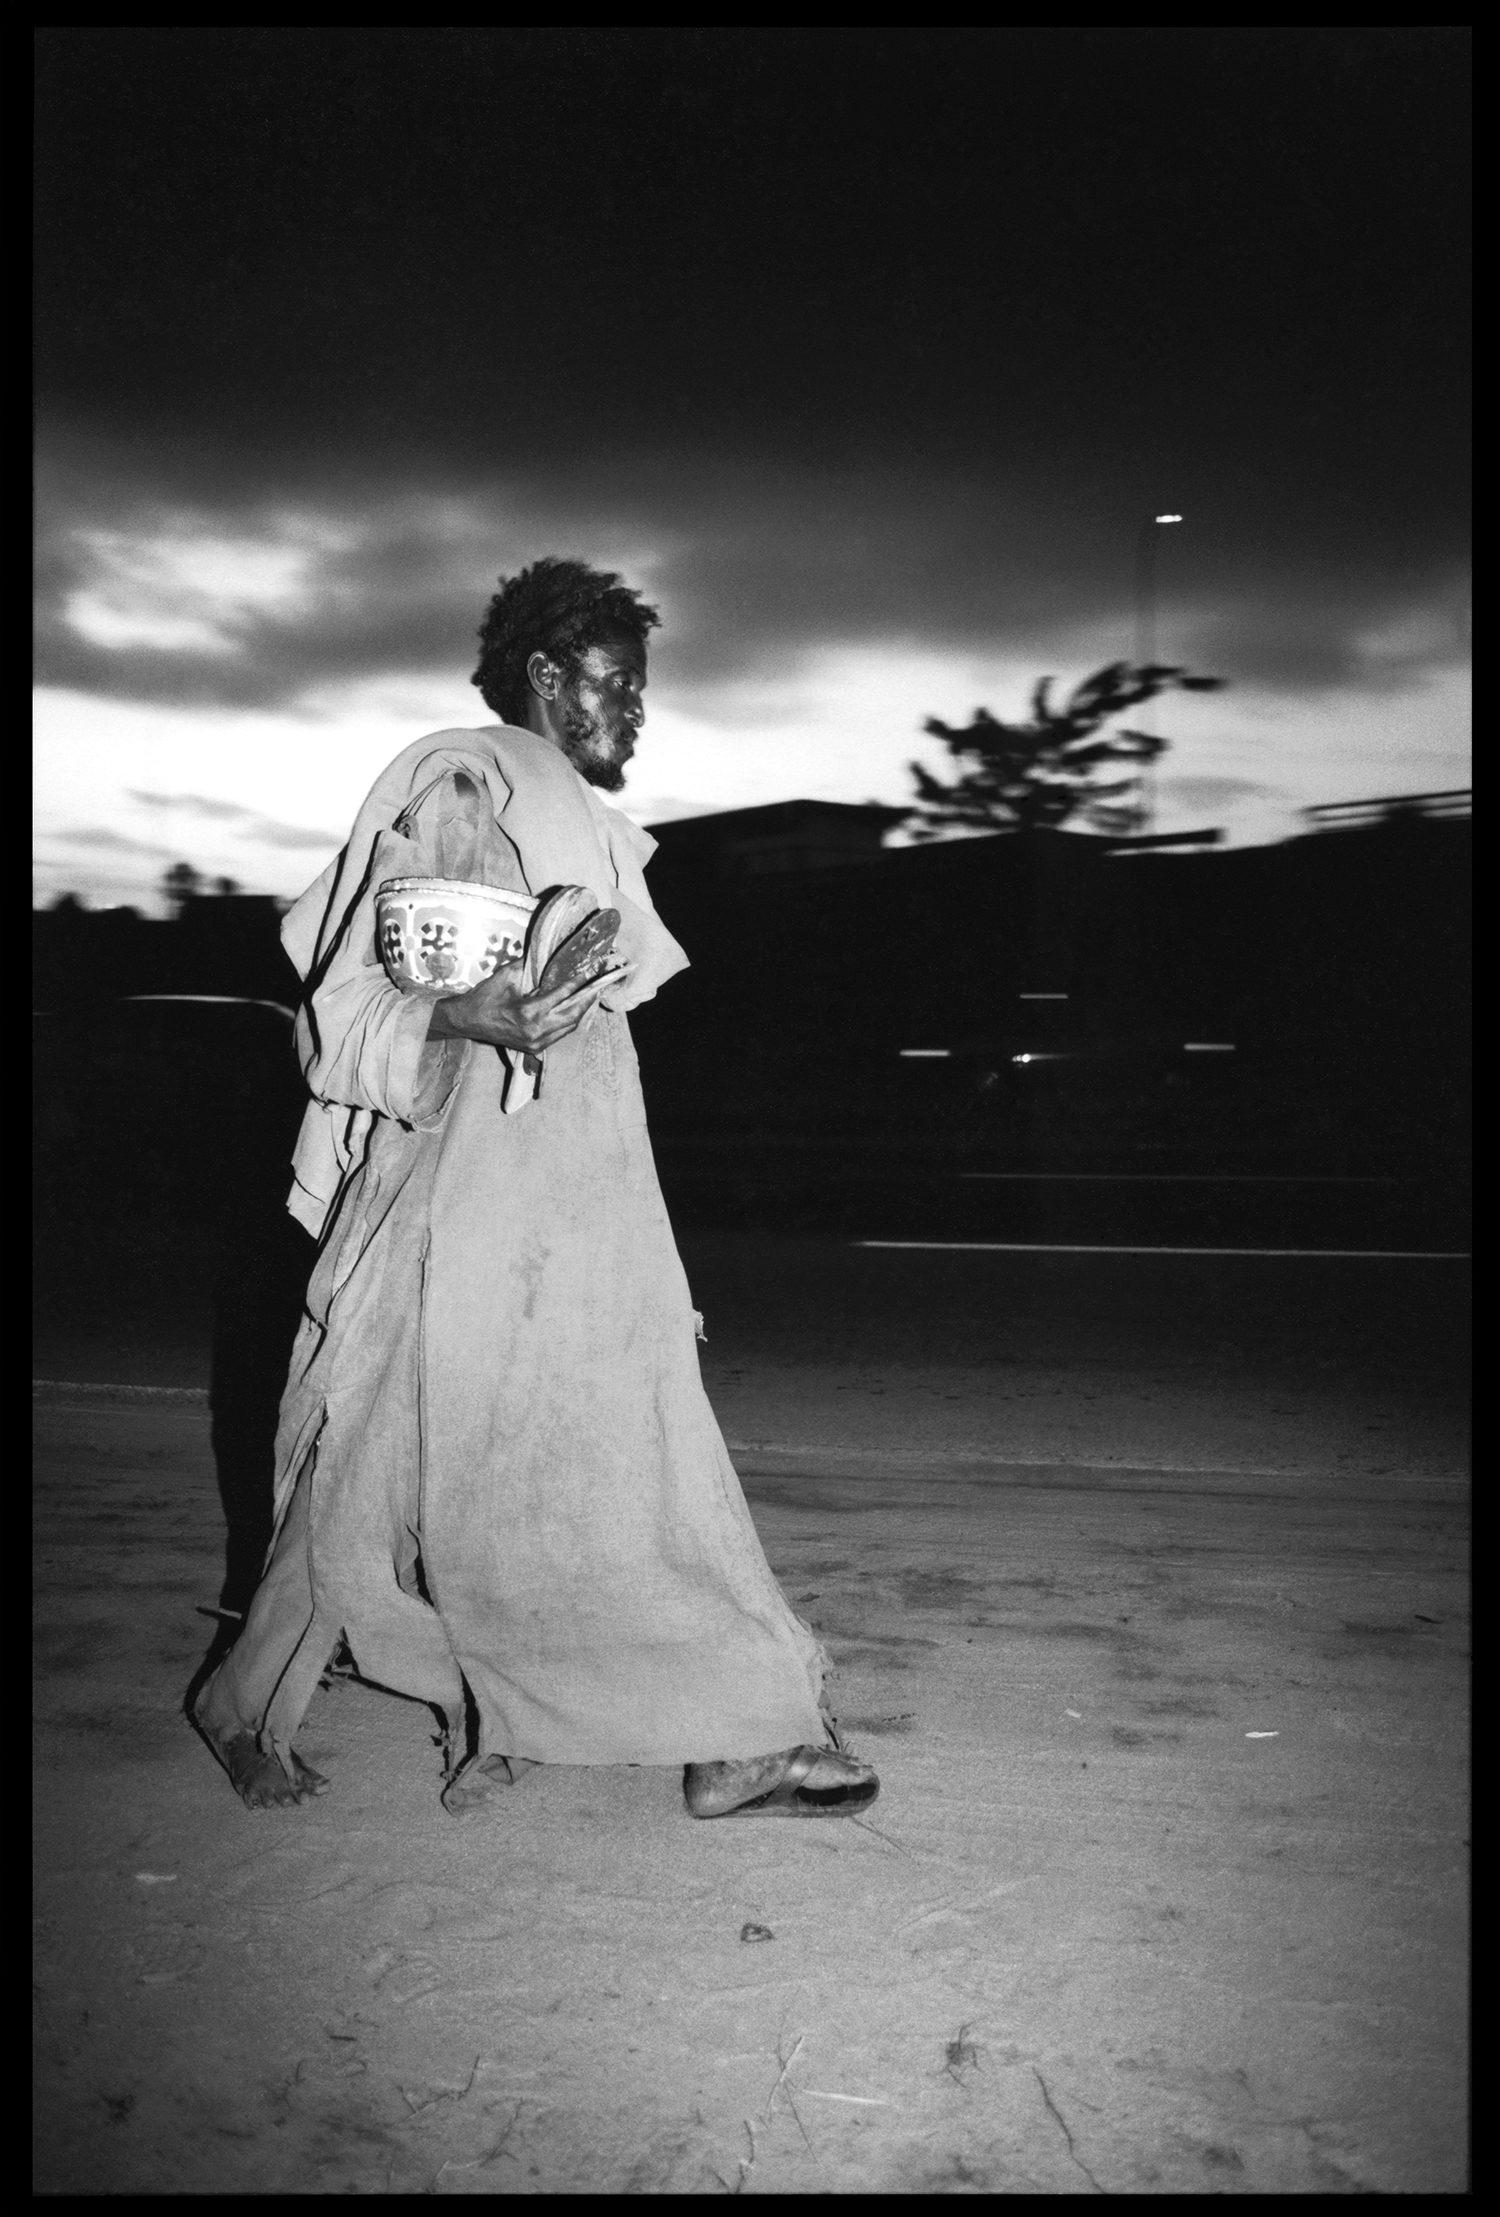 © photo Dorris Haron Kasco, Fou marchant dans la nuit d'Abidjan, Côte d'Ivoire 1992